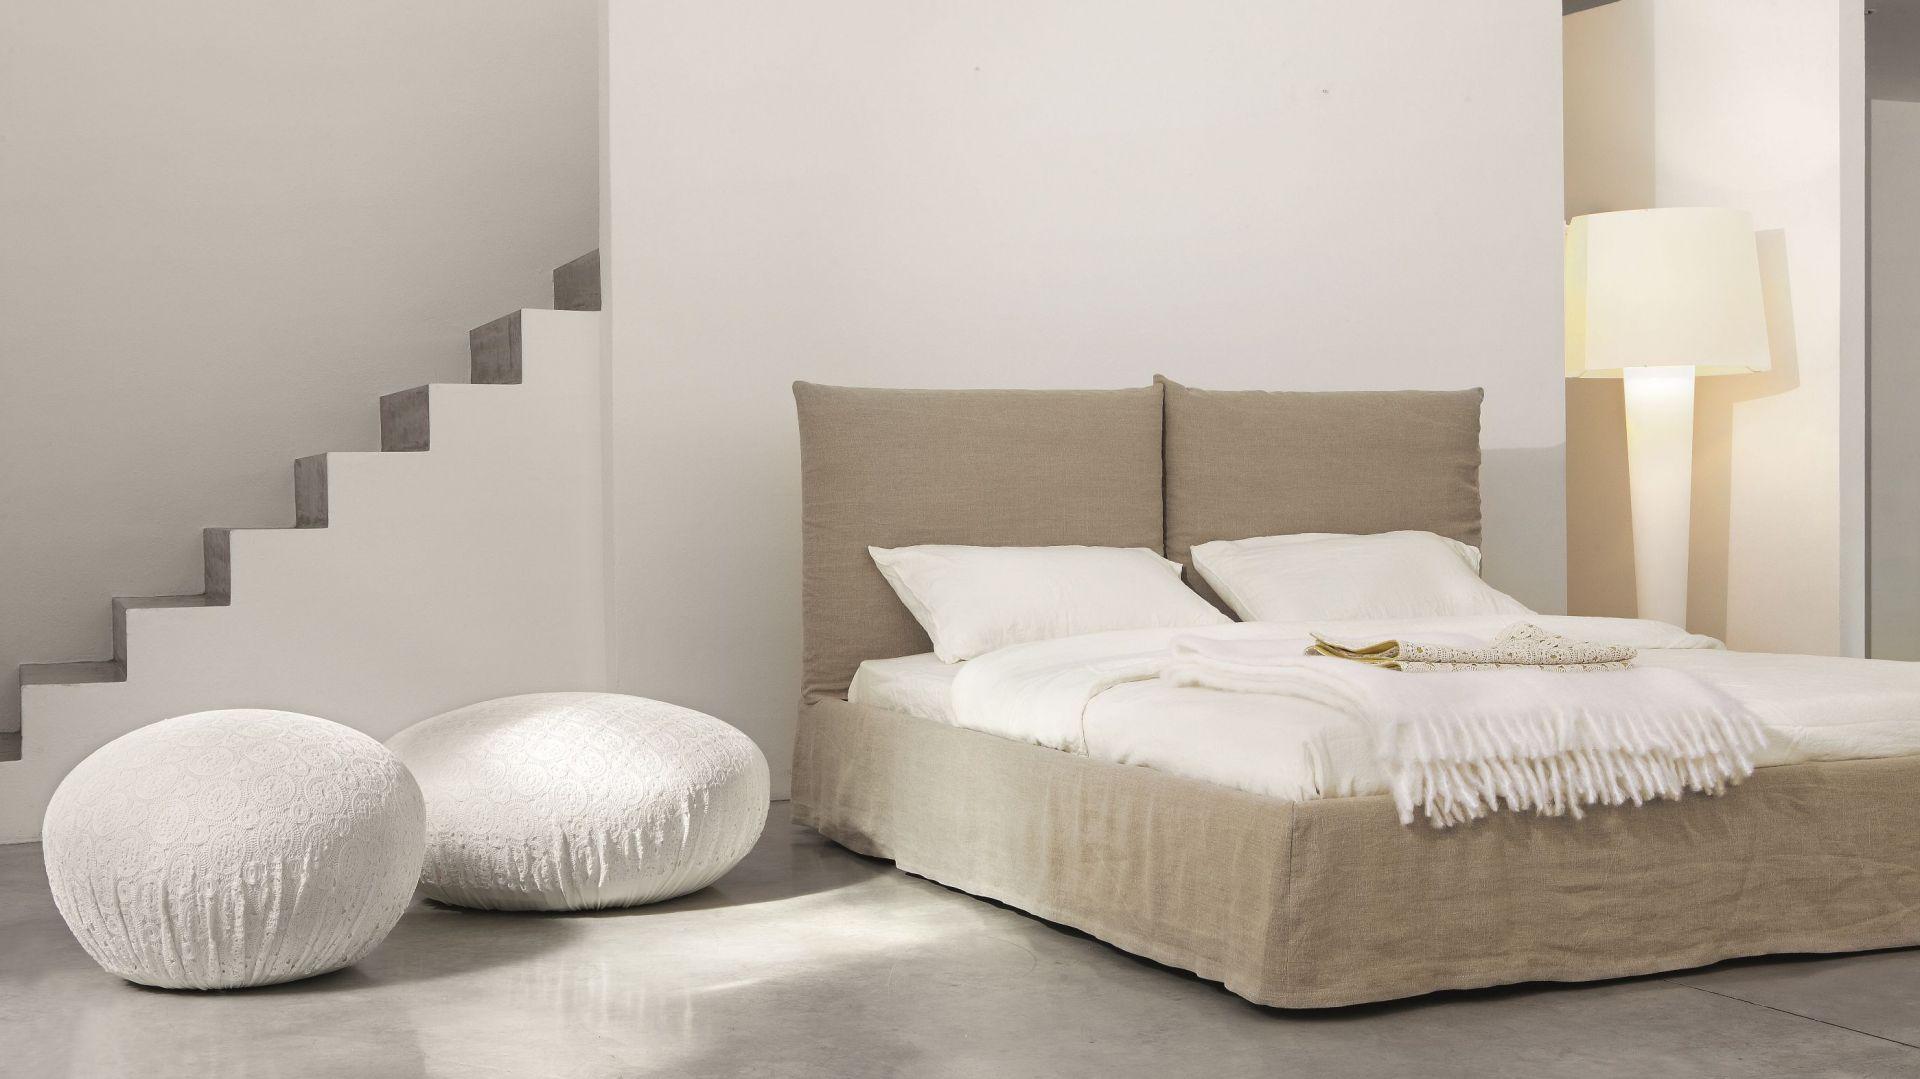 Łóżko w całości tapicerowane. Fot. Bonaldo